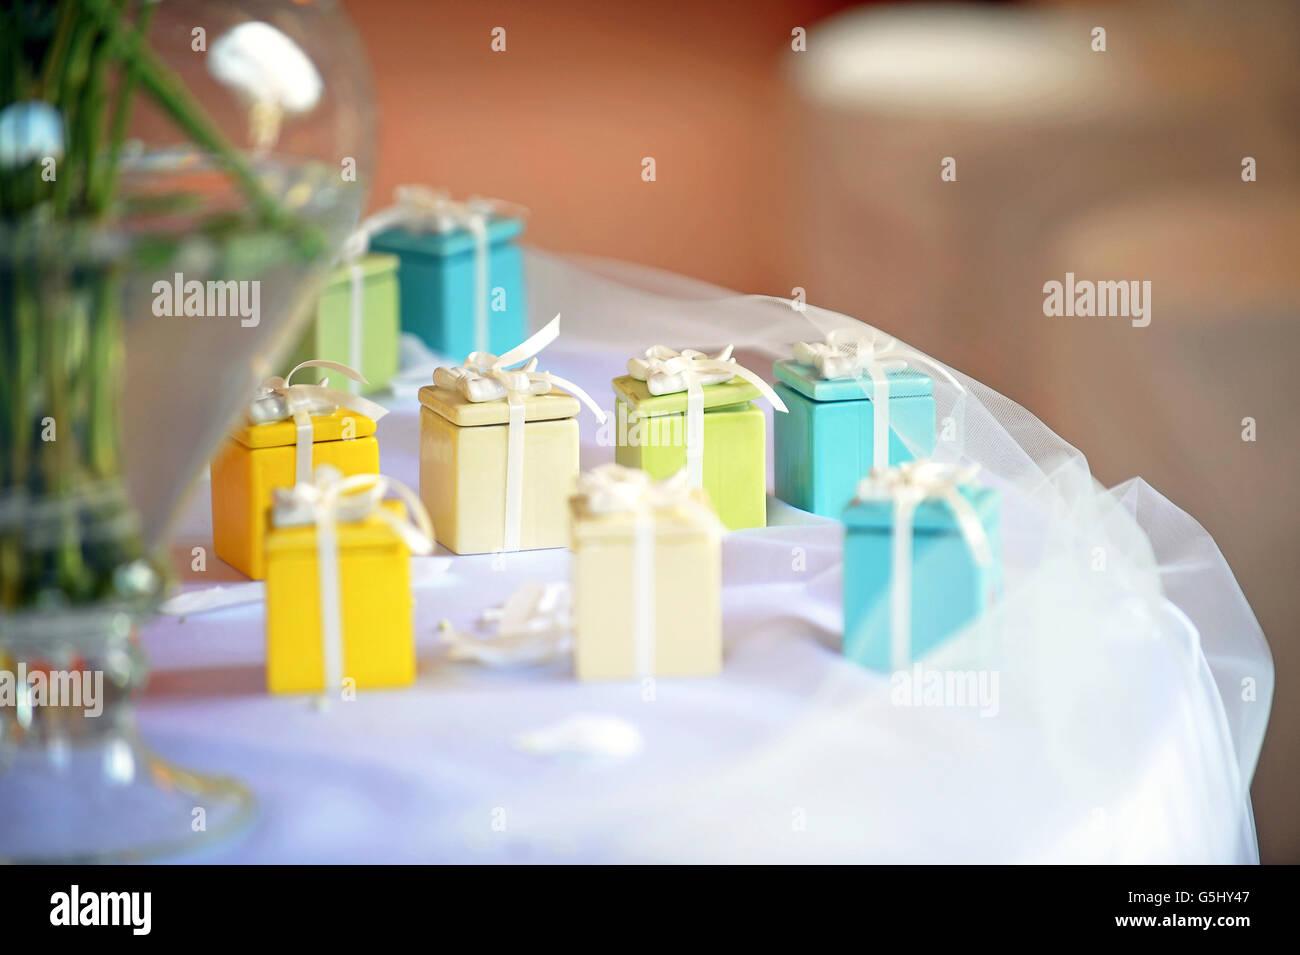 Leuchtend bunte kleine Mitbringsel in Form von dekorativen Geschenkboxen Stockbild